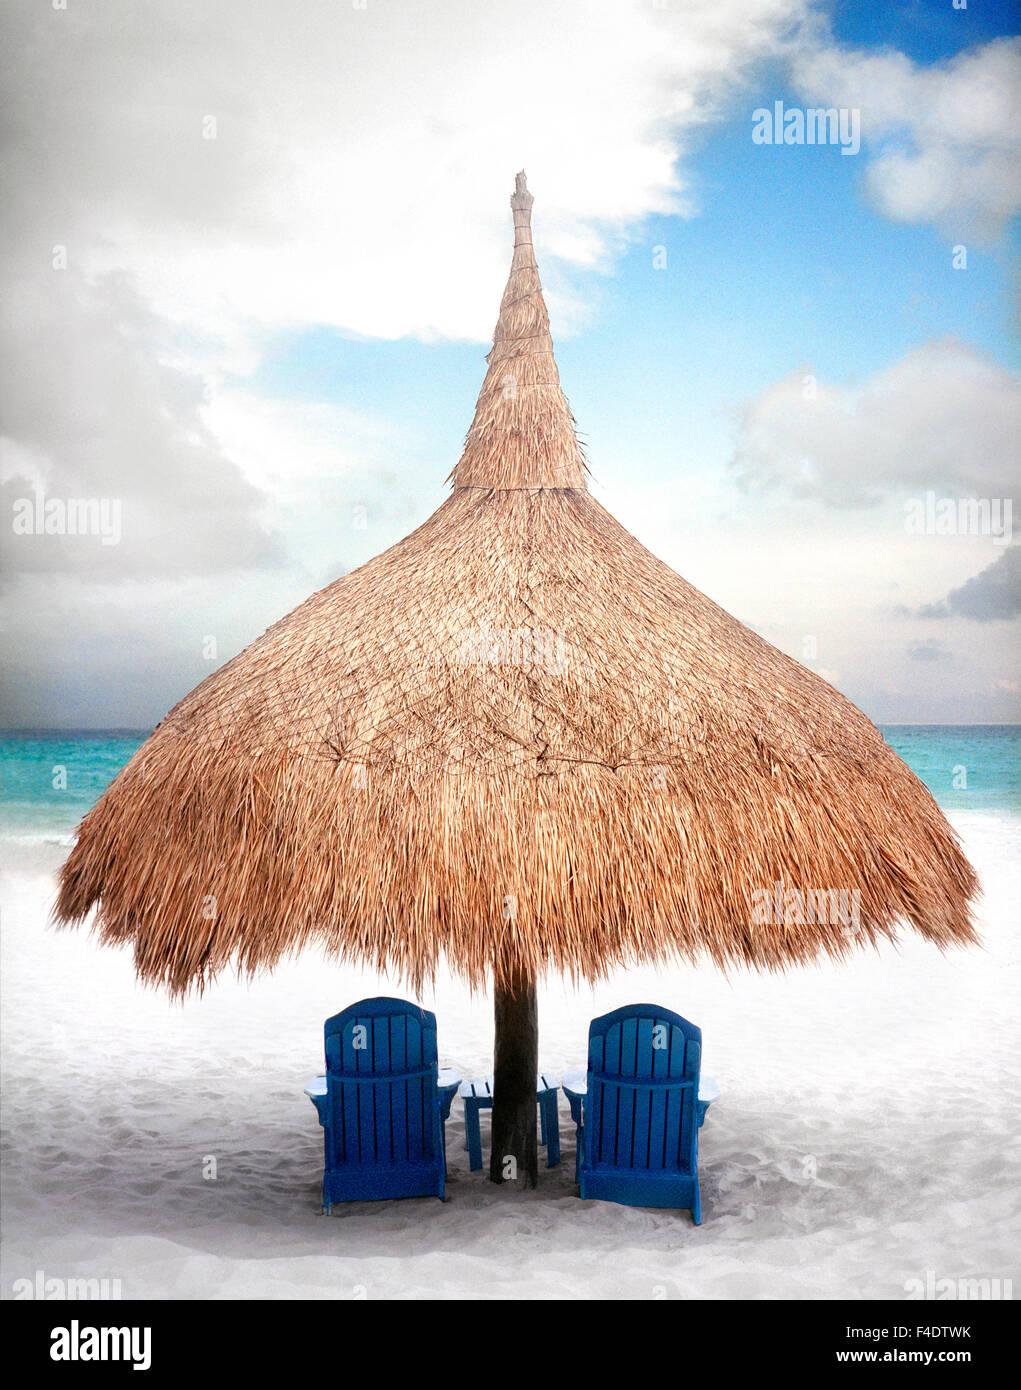 Una palapa en Playa Maroma Resort y Spa. Yucatán, México. Imagen De Stock